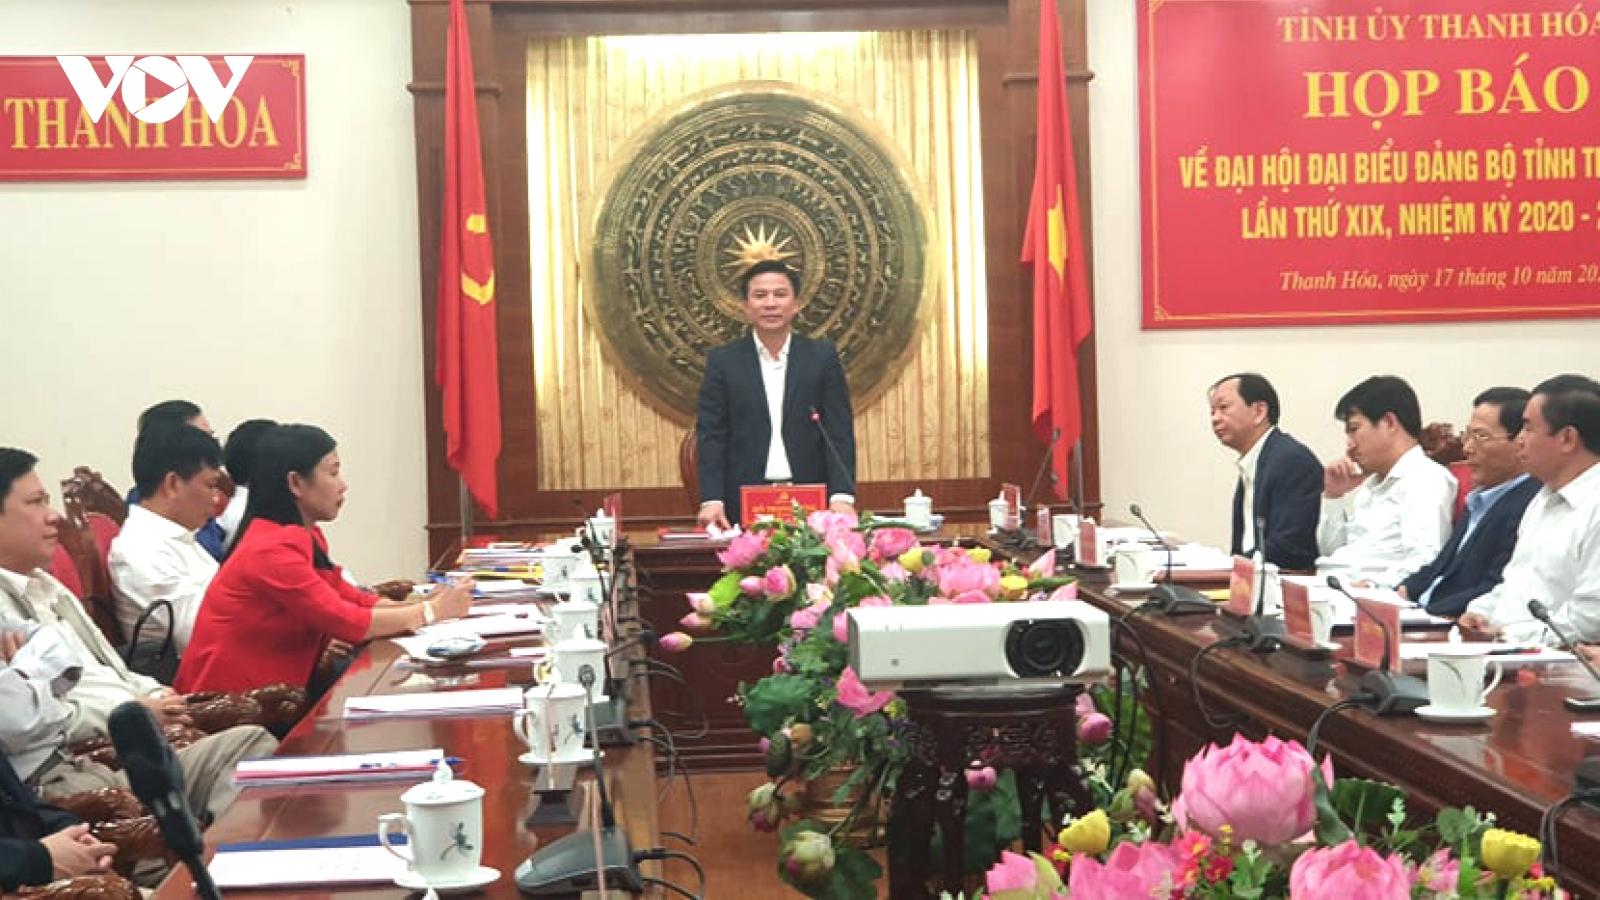 Thanh Hoá sẽ bầu Ban chấp hành nhiệm kỳ 2020-2025 gồm 65 ủy viên